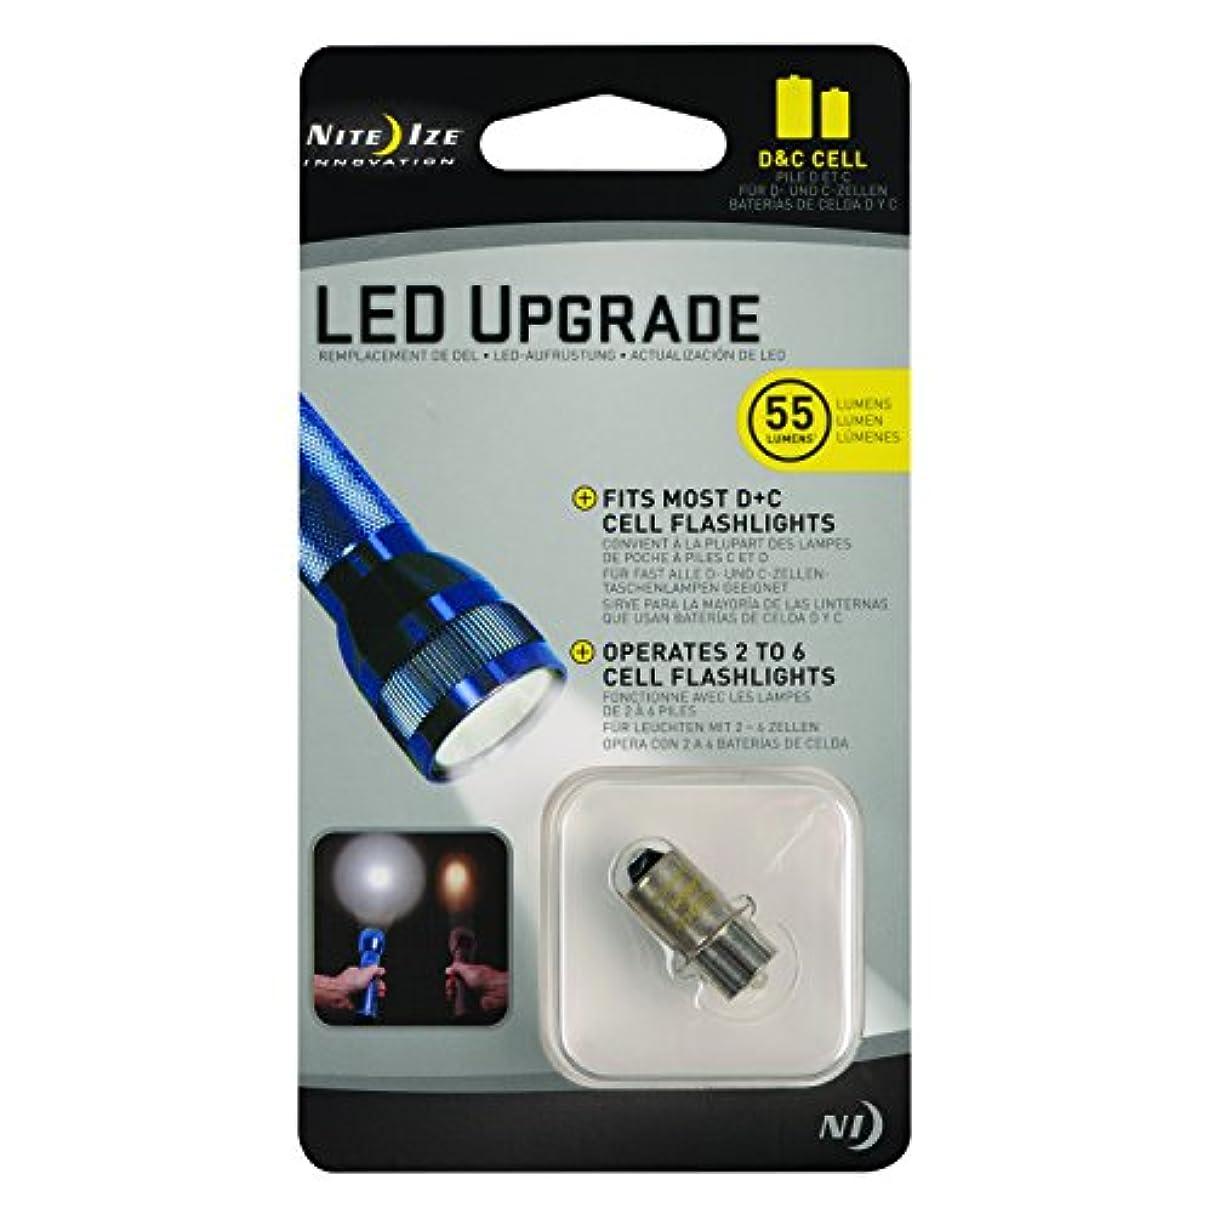 試みる良さ特許NITEIZE(ナイトアイズ) LED コンバージョンバルブ C&D LRB2-07-PR 白色LED (日本正規品)